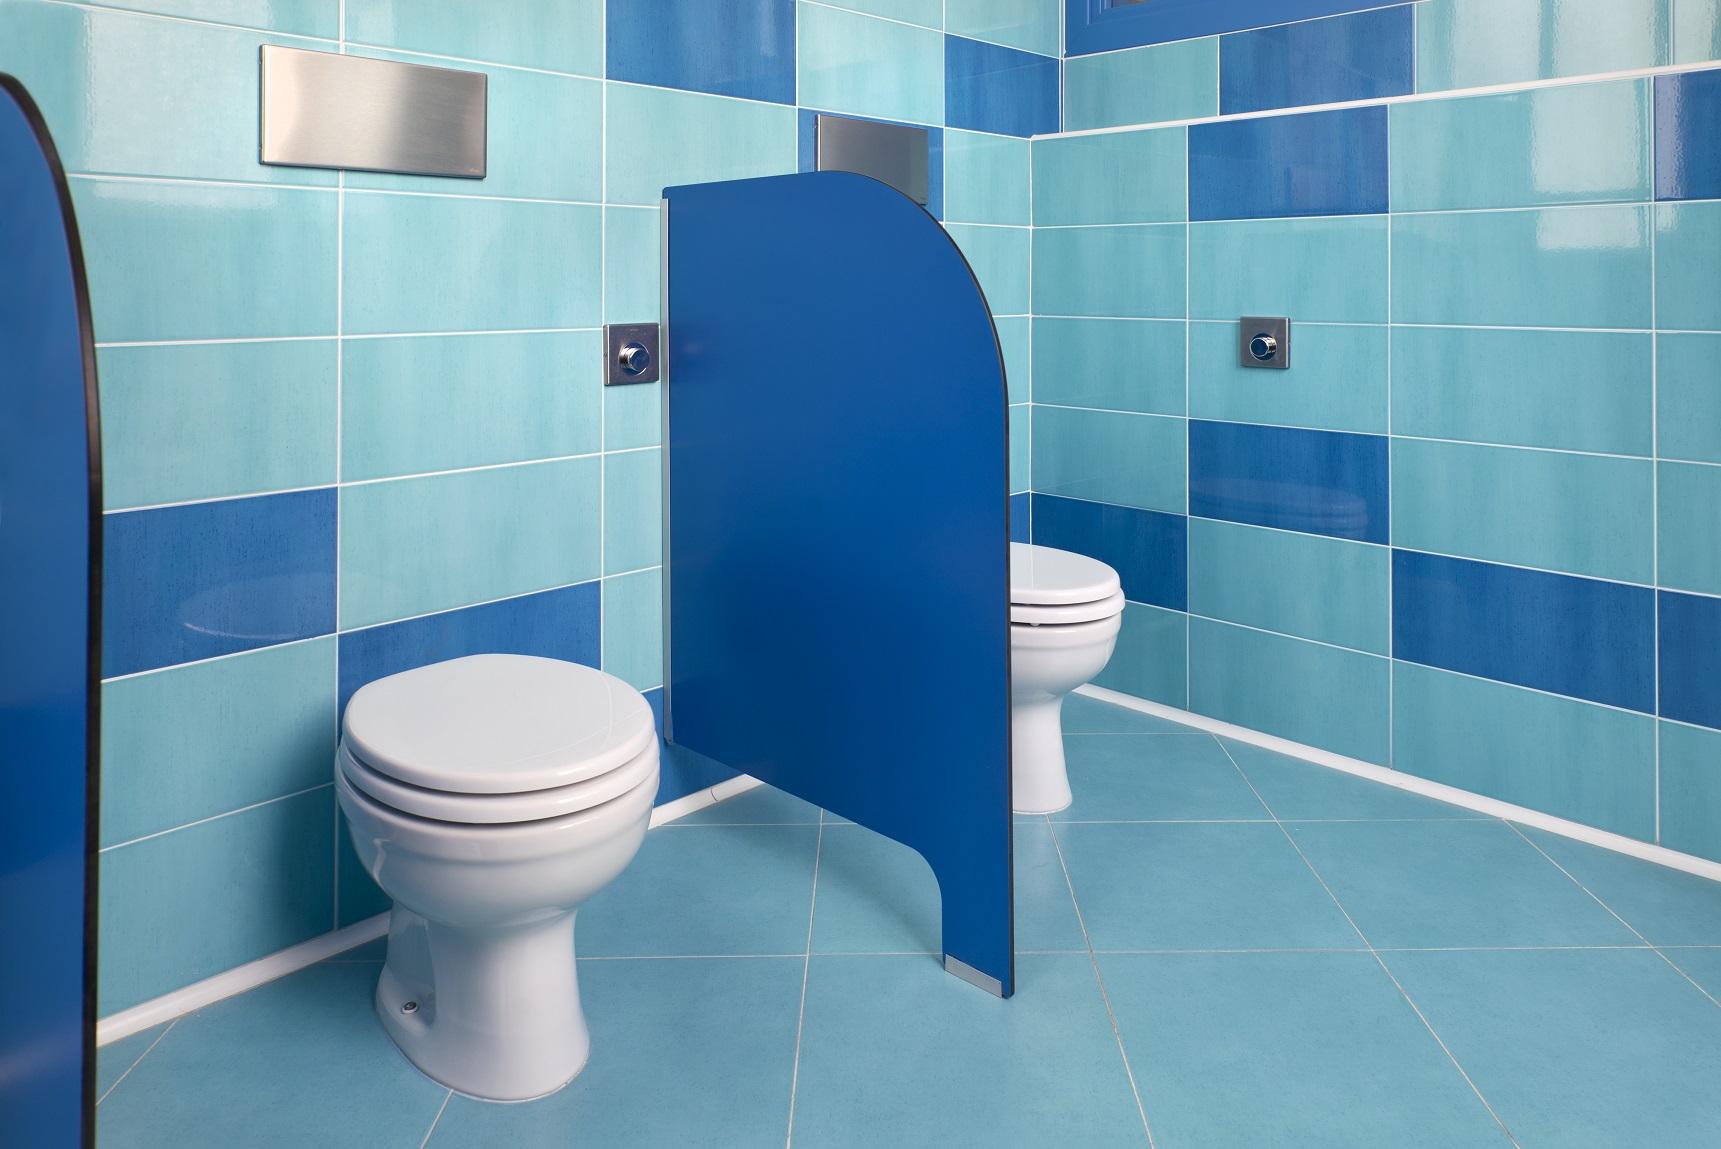 Per l 39 asilo un bagno a misura di bambino gt il - Dimensioni sanitari bagno piccoli ...